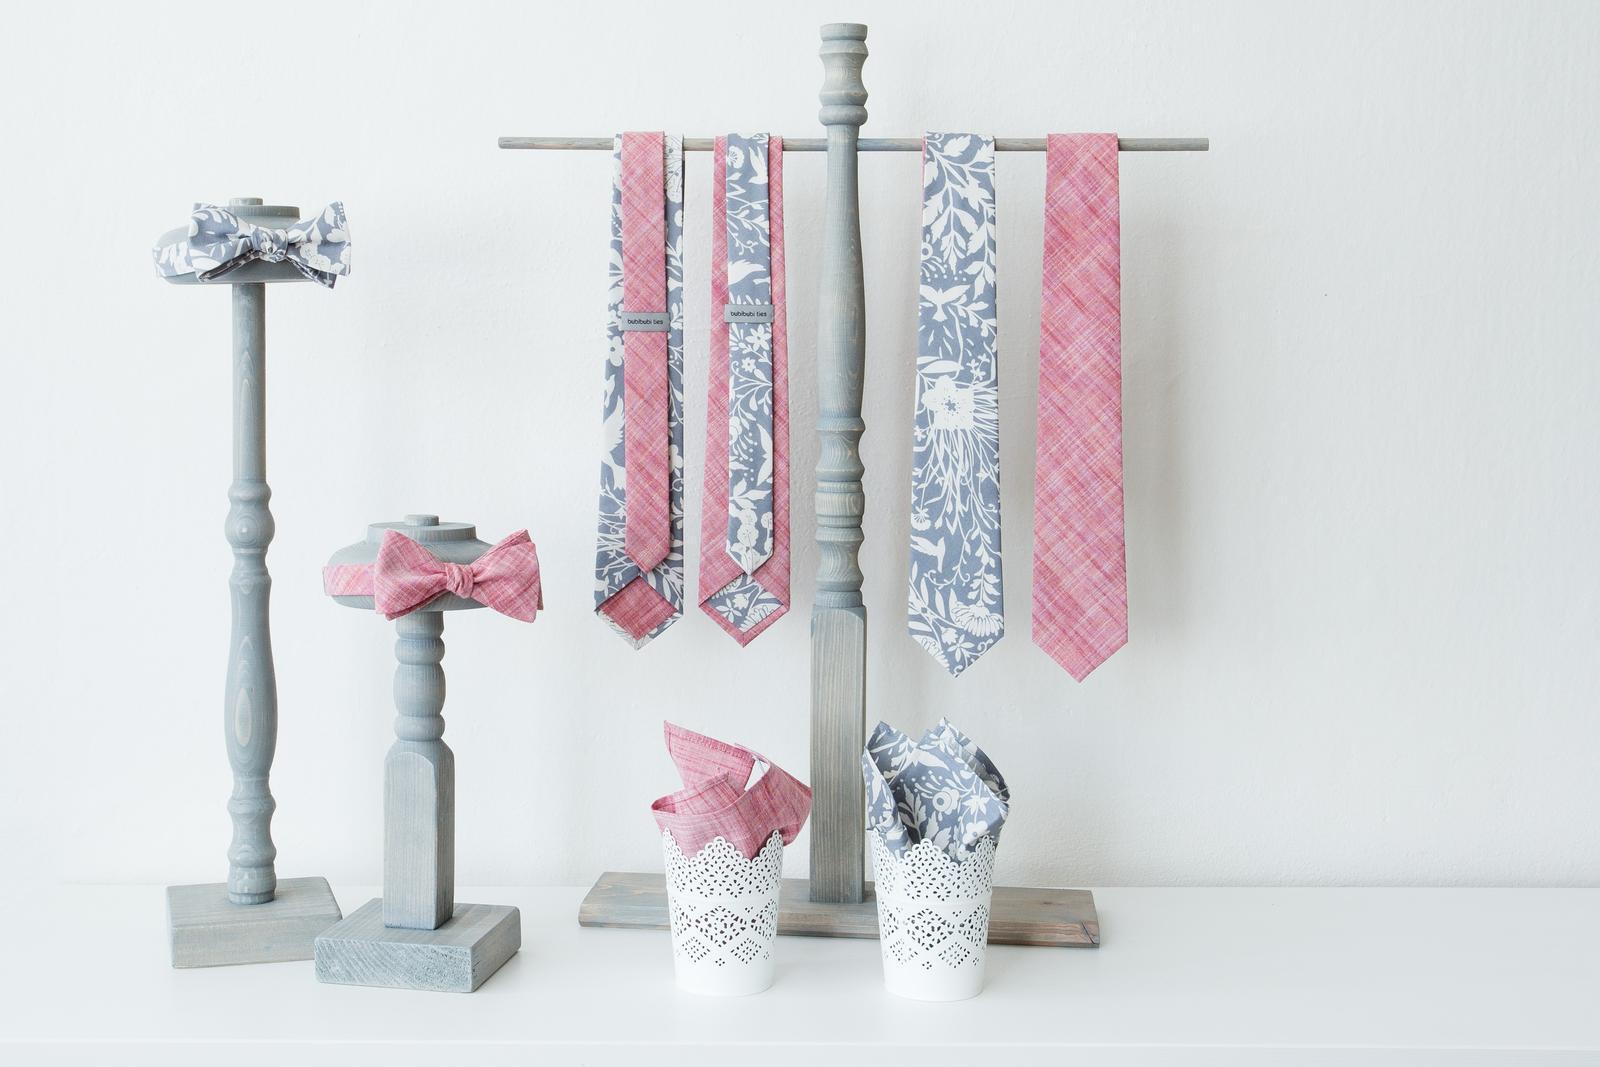 Červená pastelová kolekce kravat a motýlků - Pastelové kravaty a motýlky.